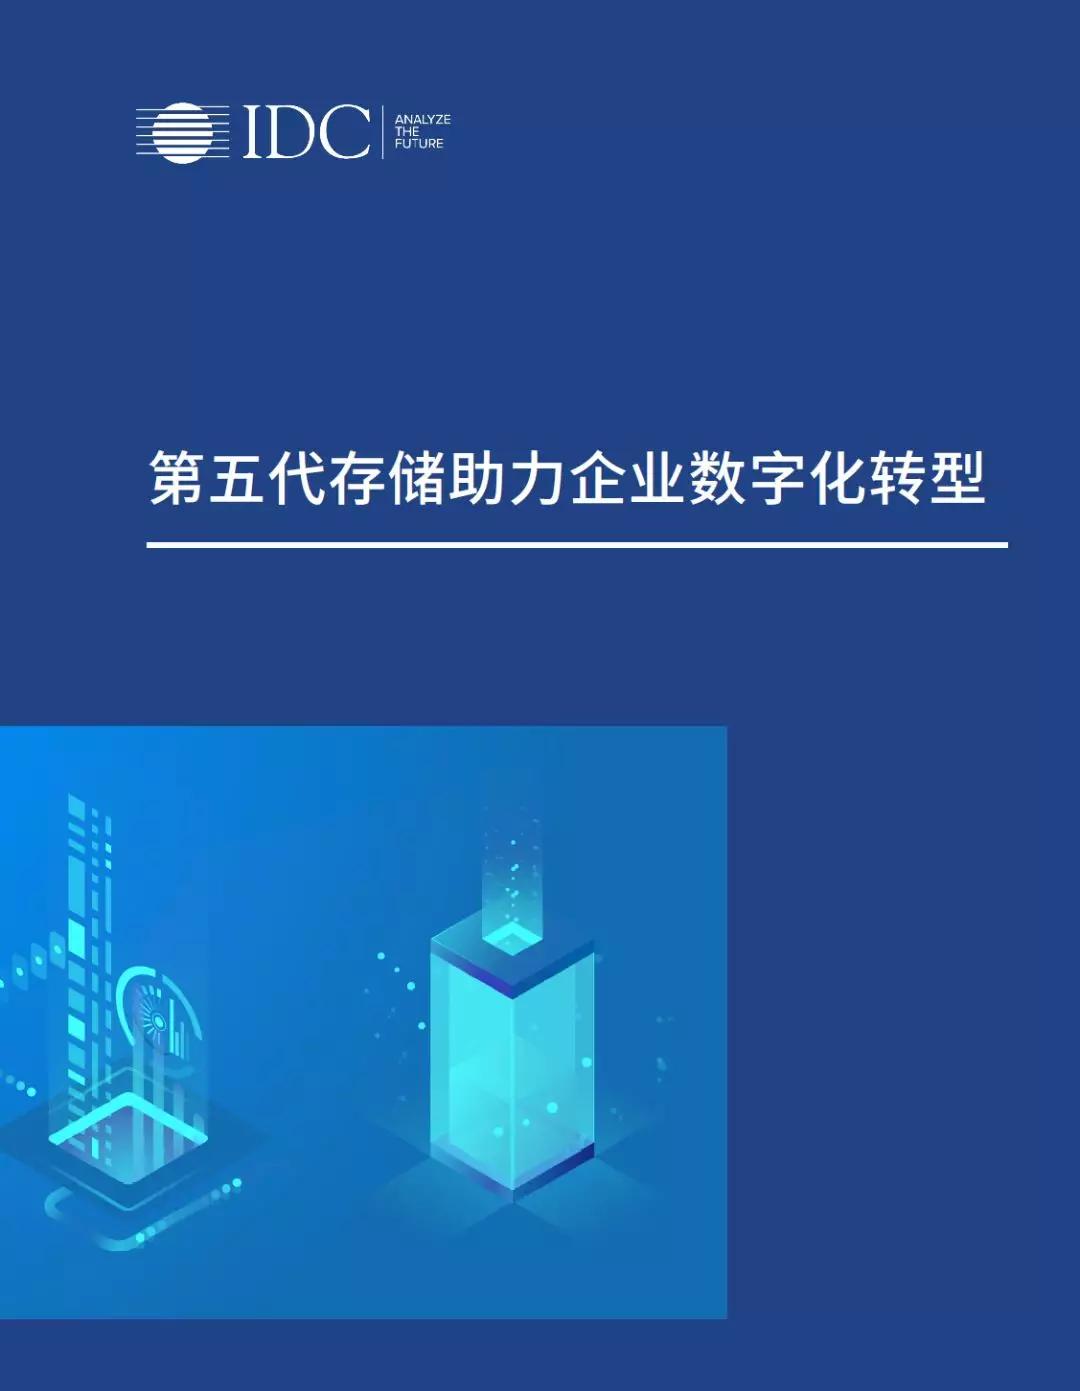 戴爾科技聯合idc宣布第五代存儲時代到來圖片